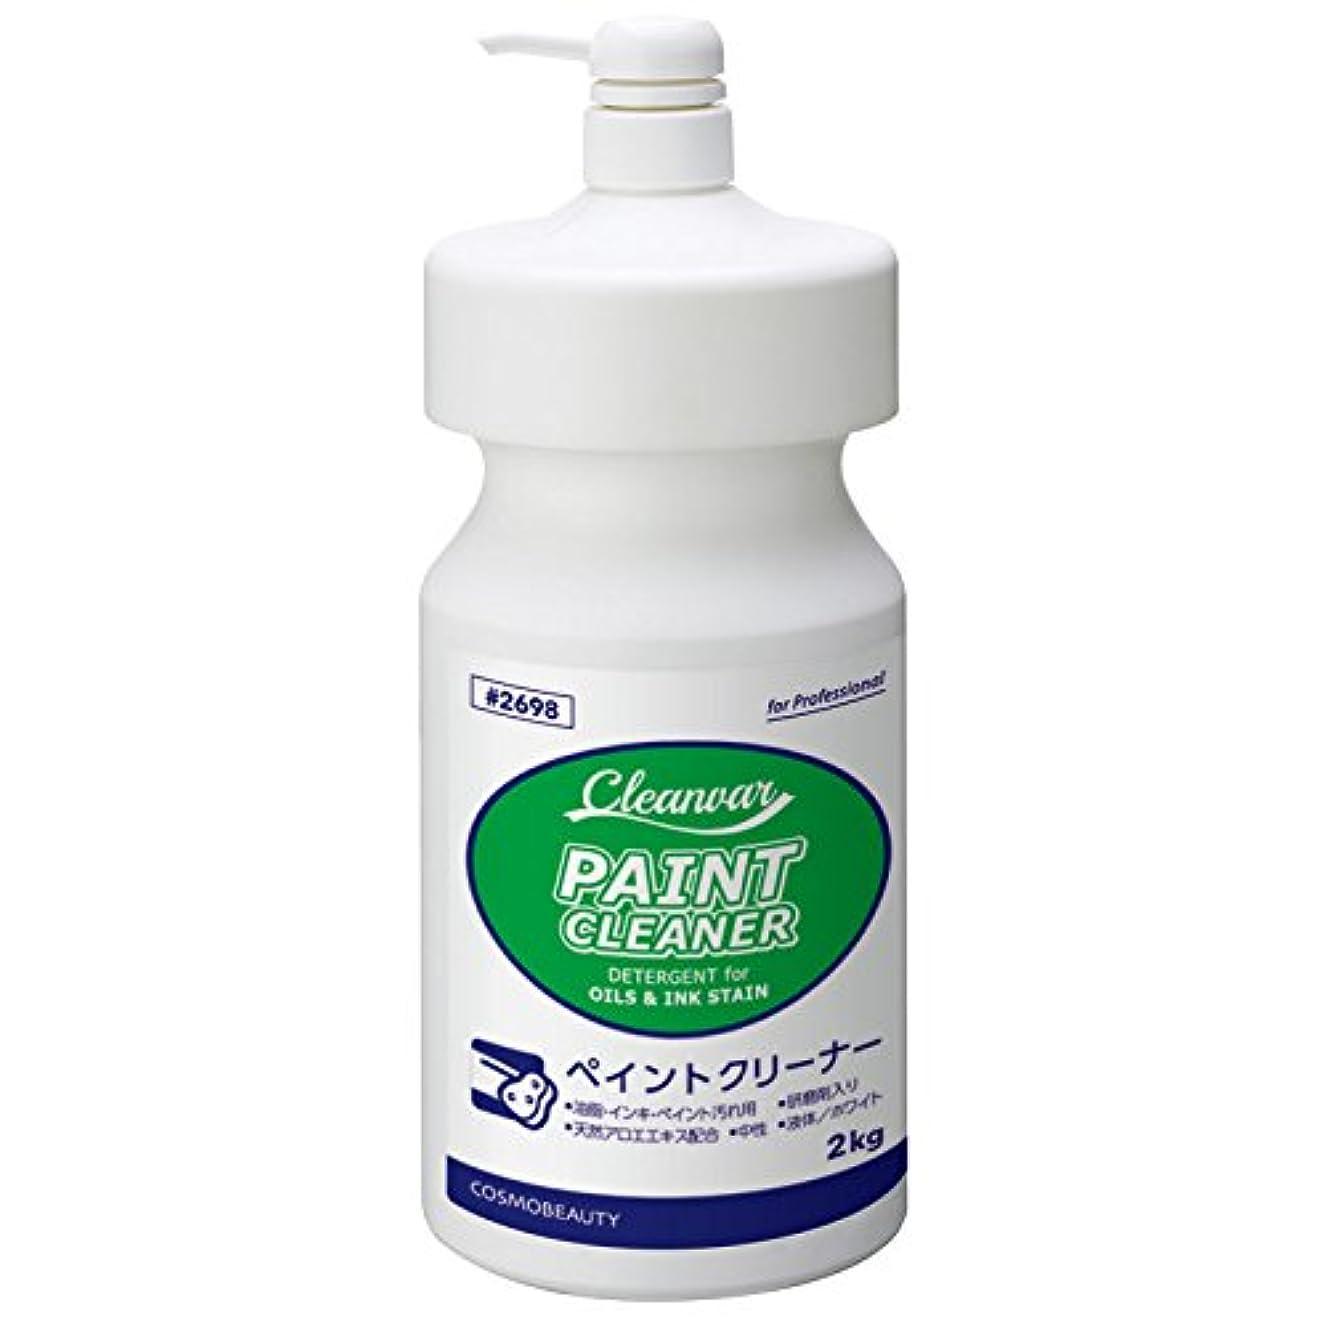 魅了するペルソナプレゼンターコスモビューティー 業務用ペンキ落とし洗剤 ペイントクリーナー(旧名:アロエペイントクリーナー)2kg 2698